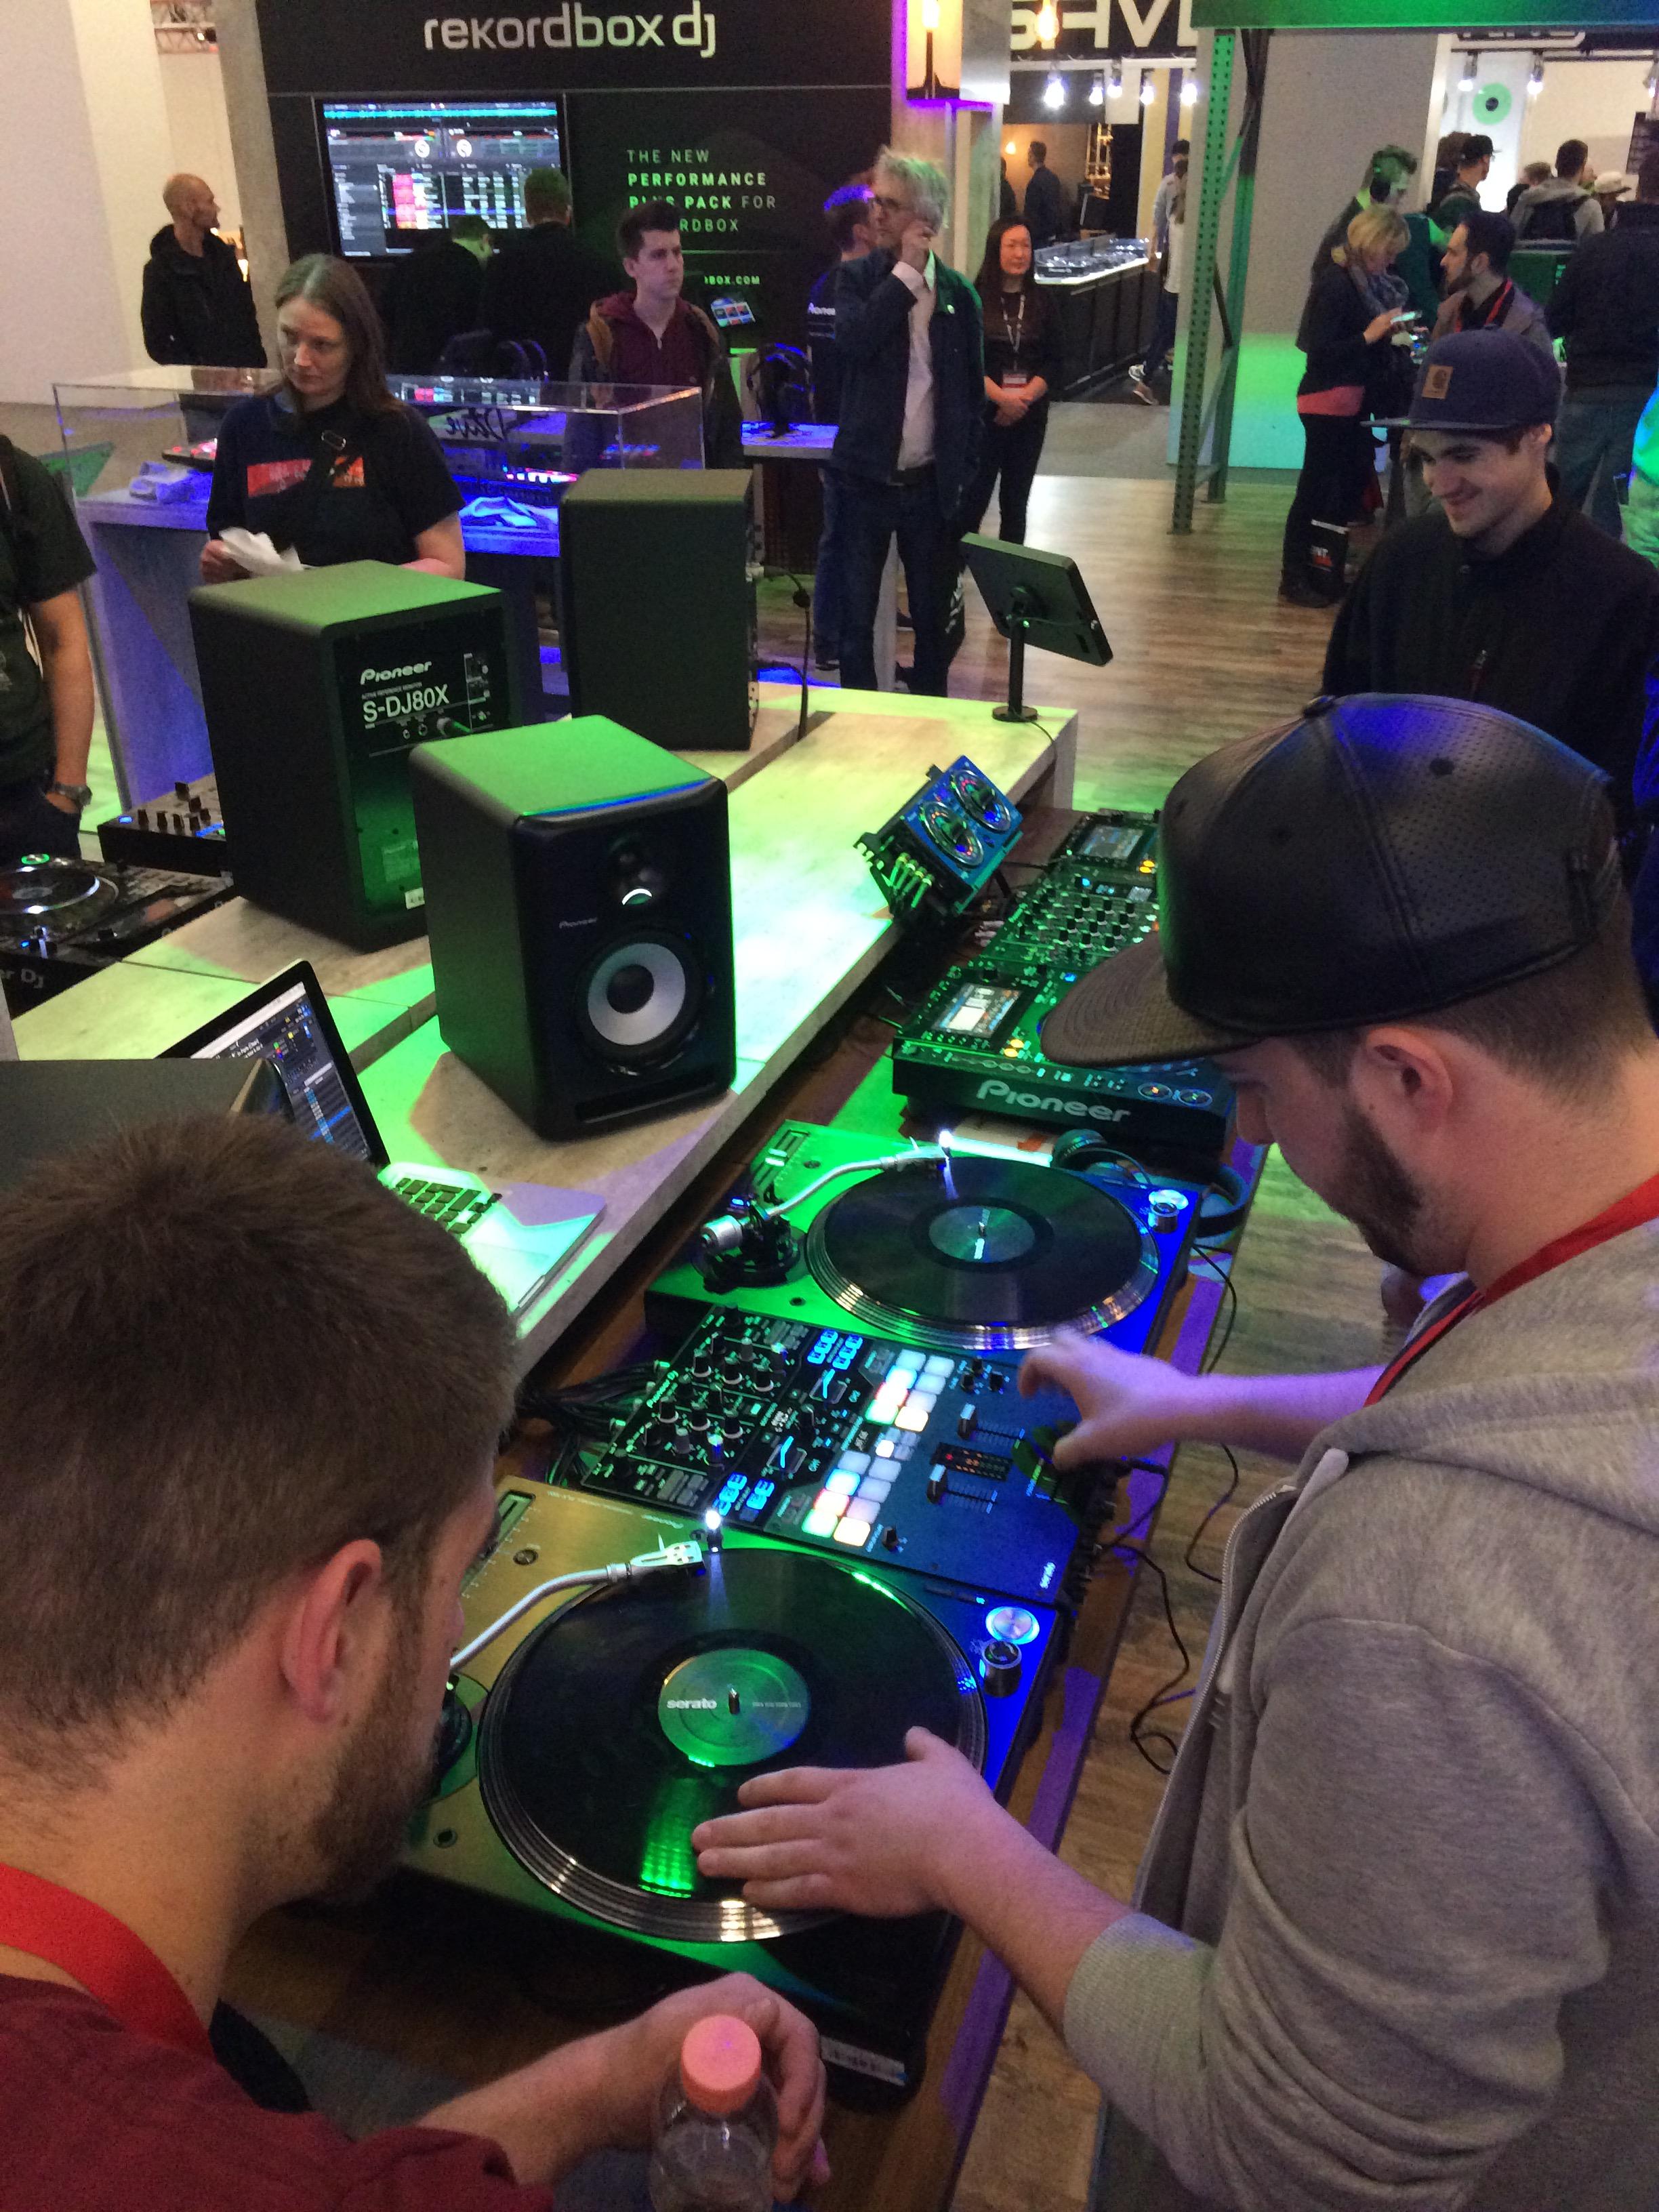 musikmesse-plx-1000-djm-s9-setup